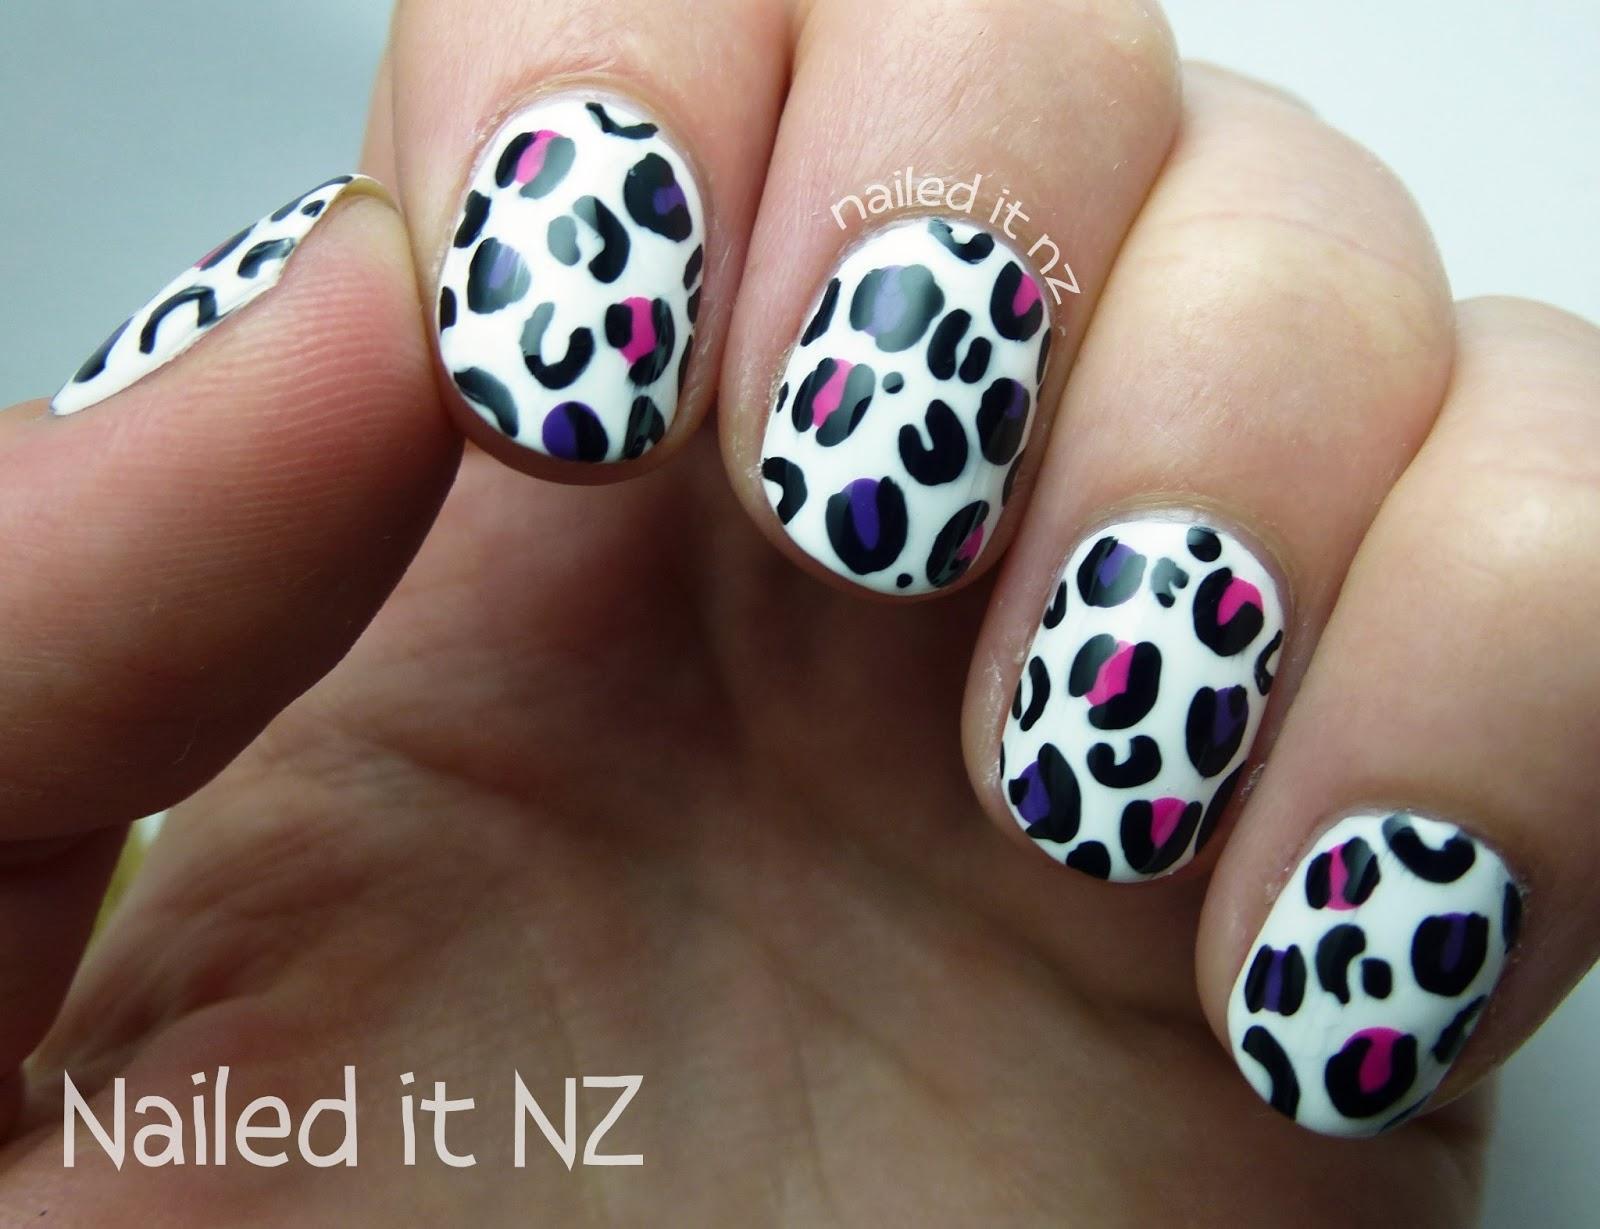 Nail art for short nails #8 - White leopard print nail art